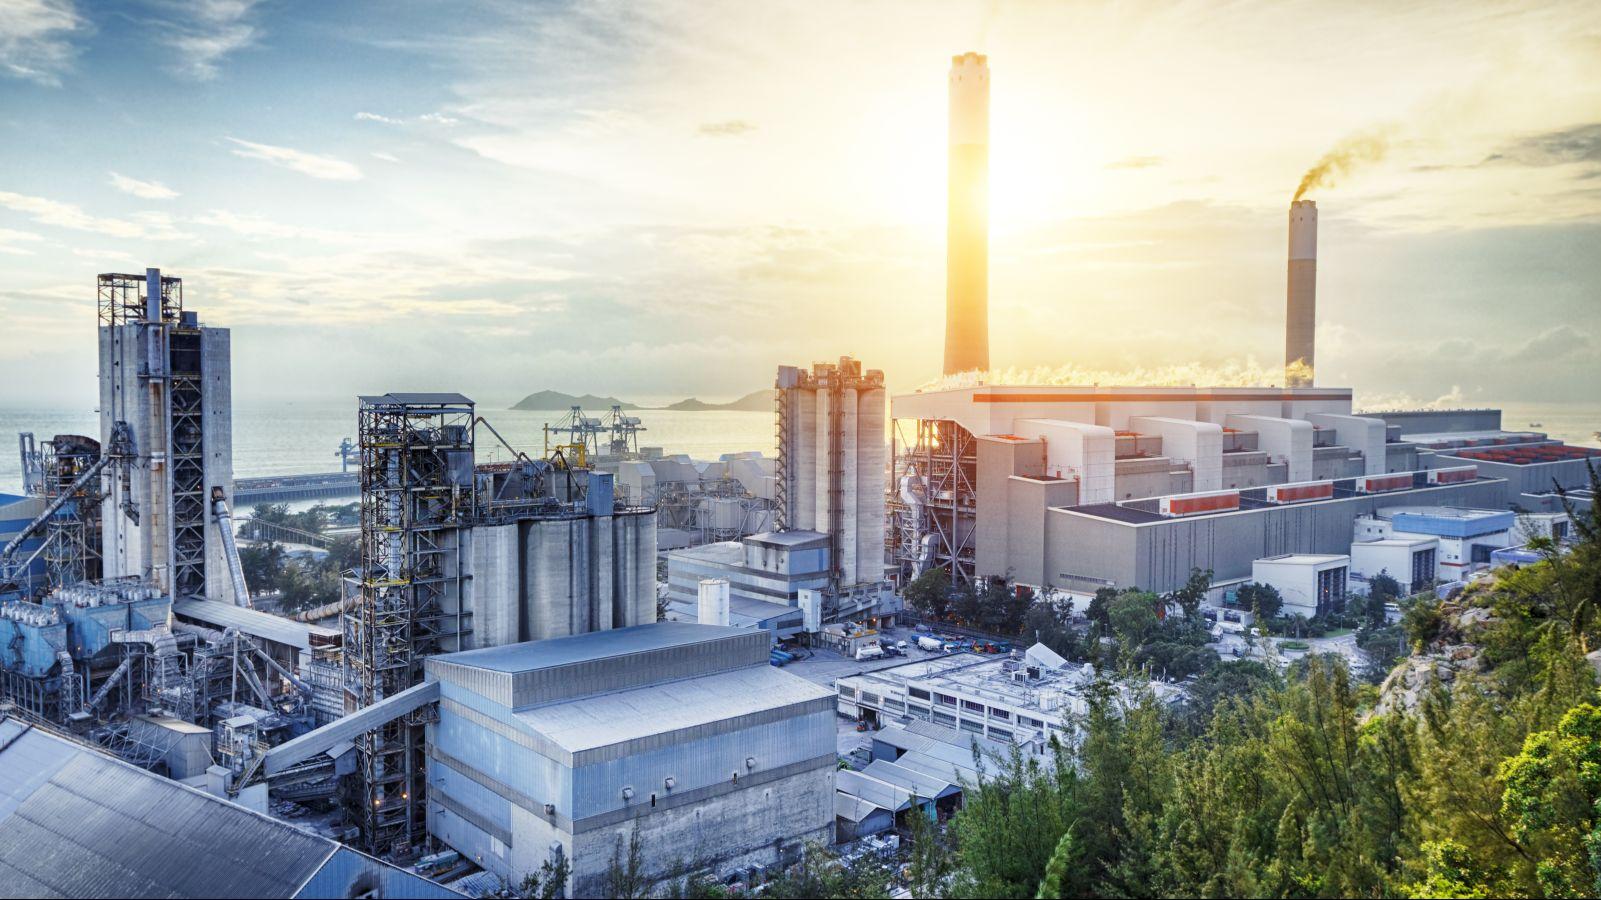 Das Foto zeigt einen Chemiepark bei Sonnenuntergang.